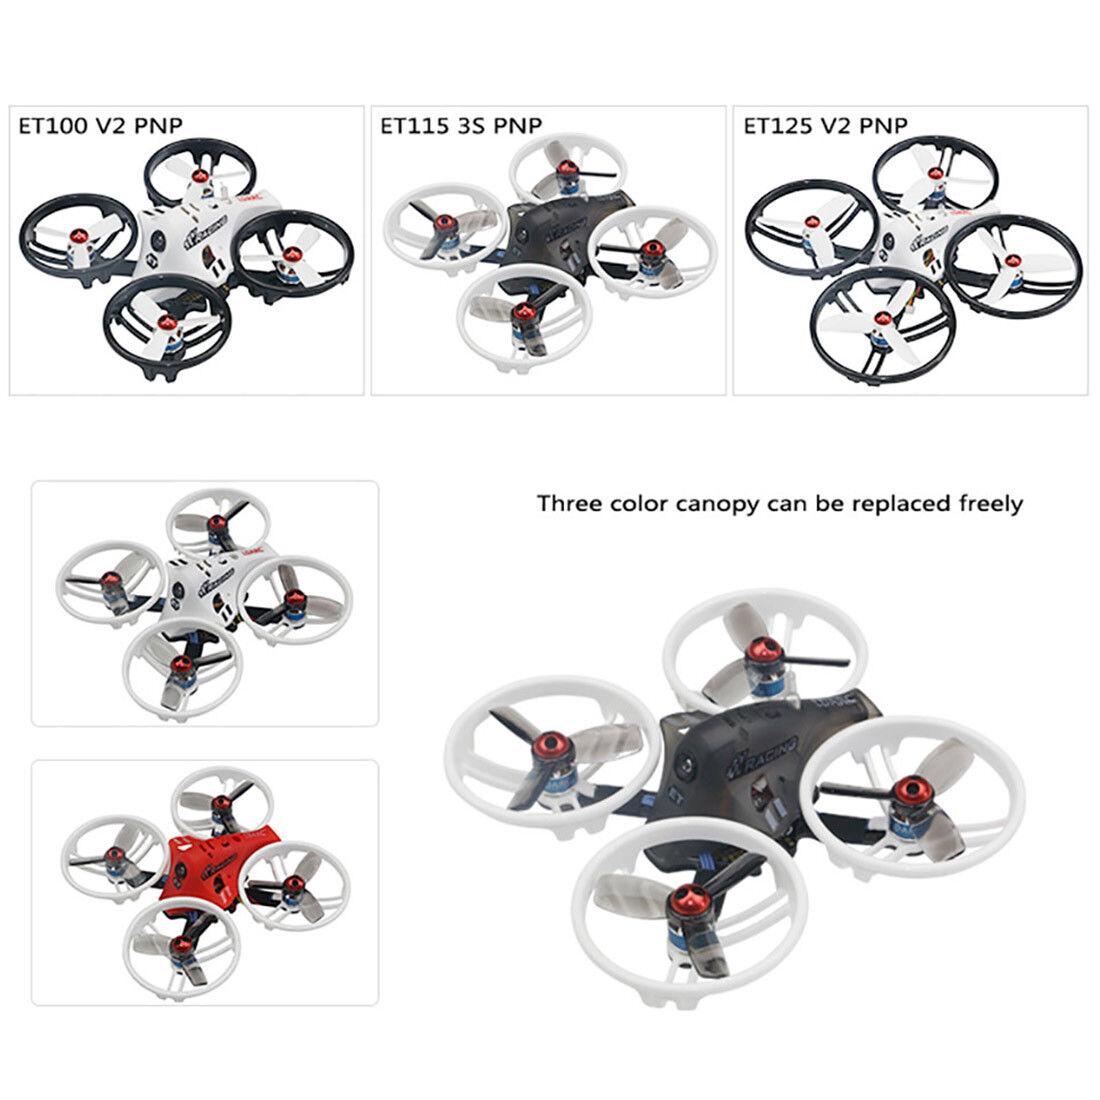 Ldarc et serie ET100 ET115 ET125 3S V2 Micro Drone Cuadricóptero FPV RACING